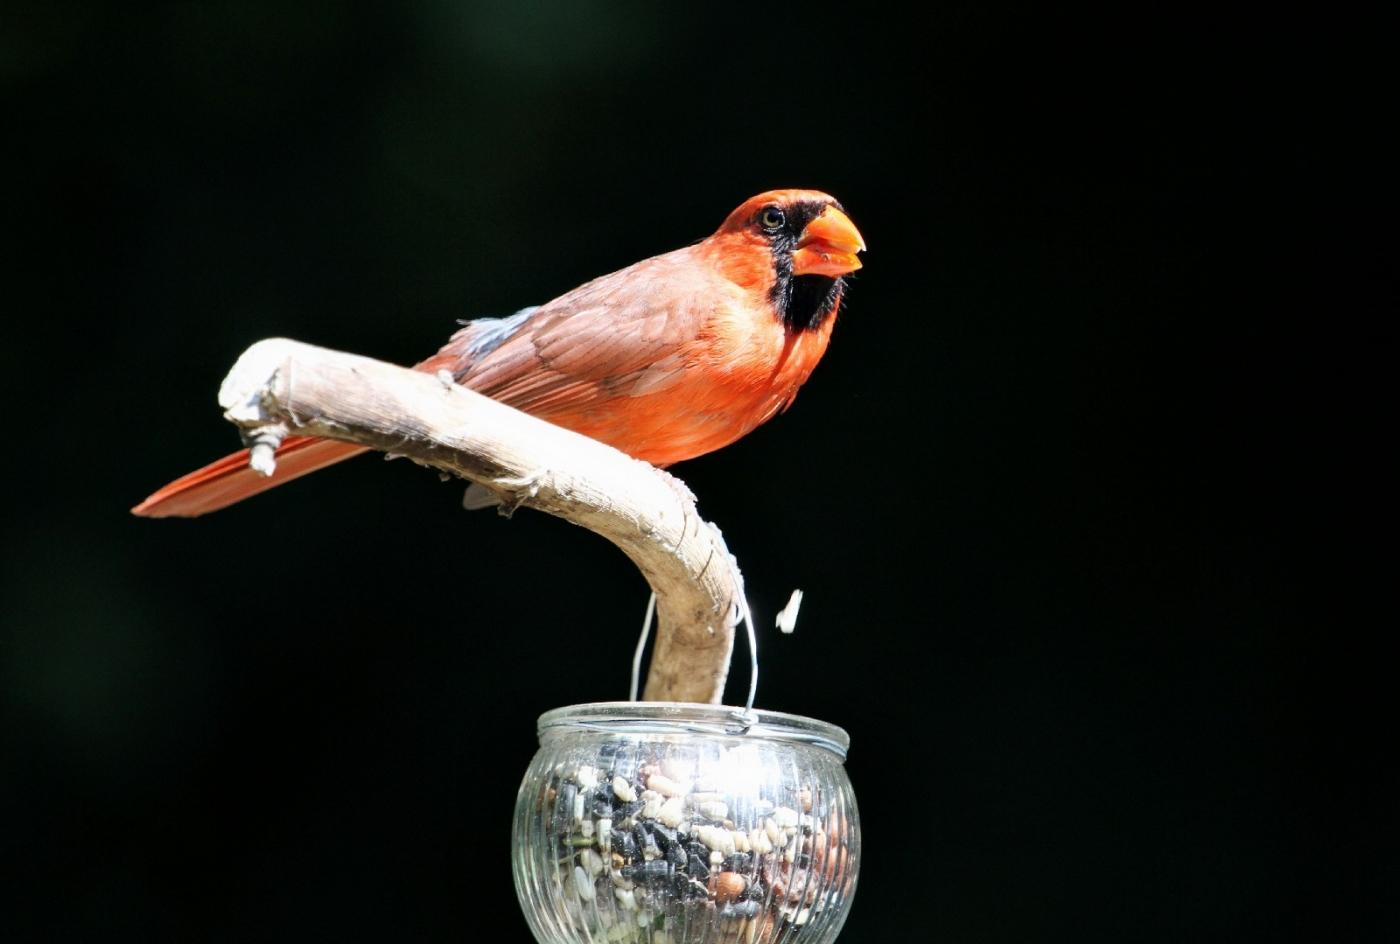 【田螺摄影】做个漂亮的喂鸟器更吸引红衣主教_图1-3